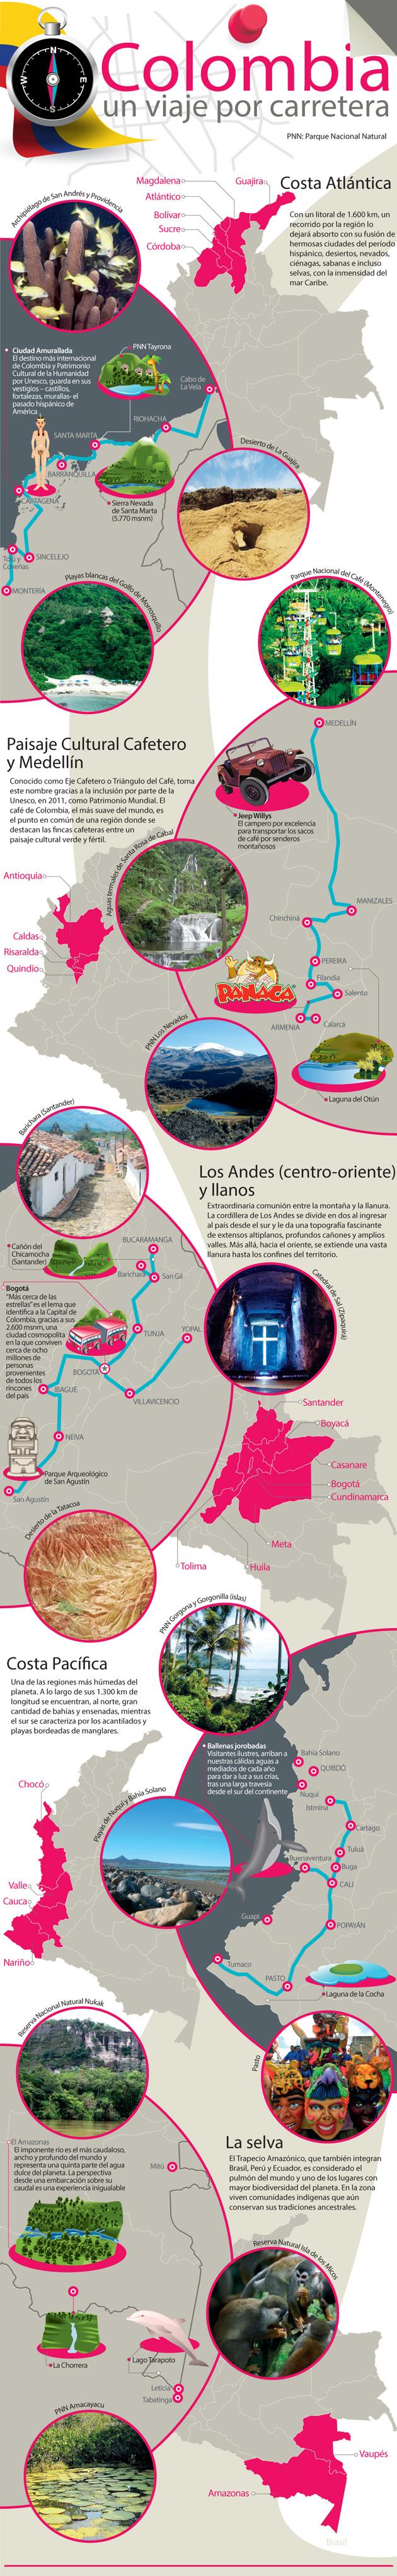 Rutas por carretera en Colombia